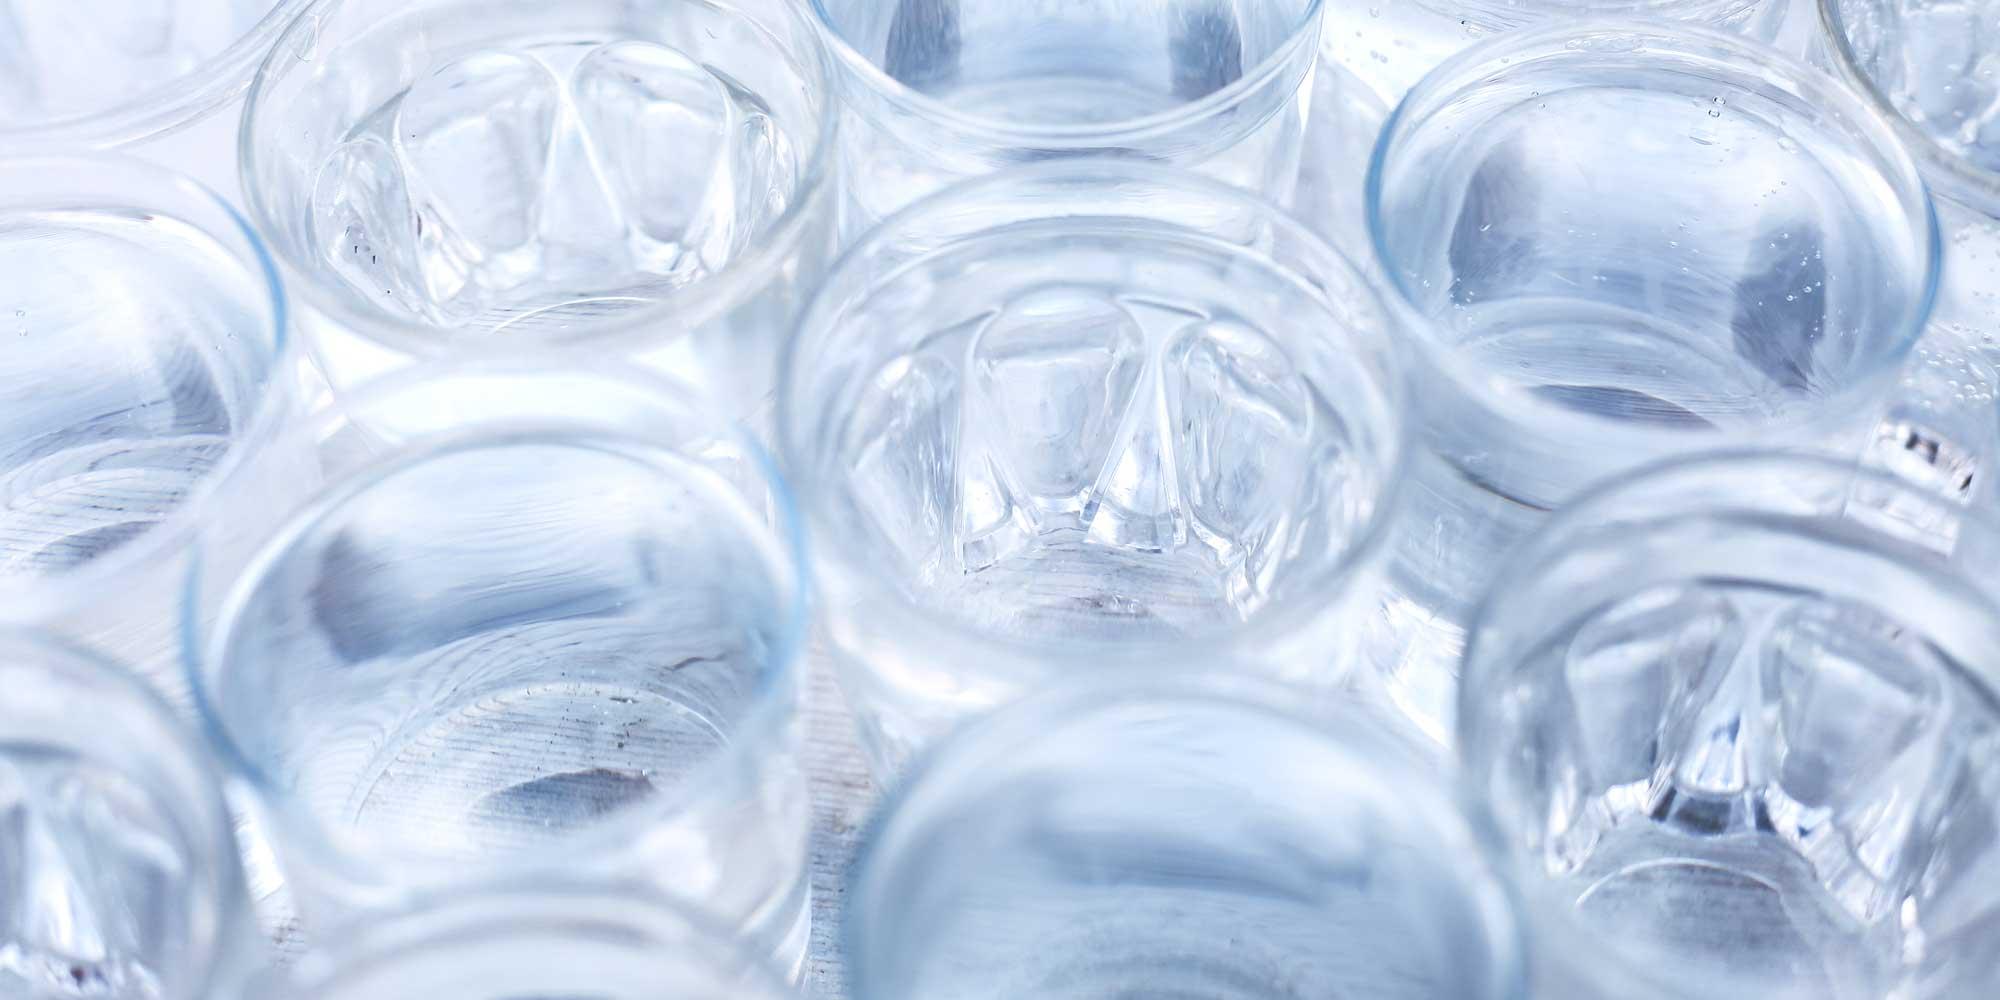 Come scegliere quale acqua bere? Ecco tutte le variabili da prendere in considerazione!